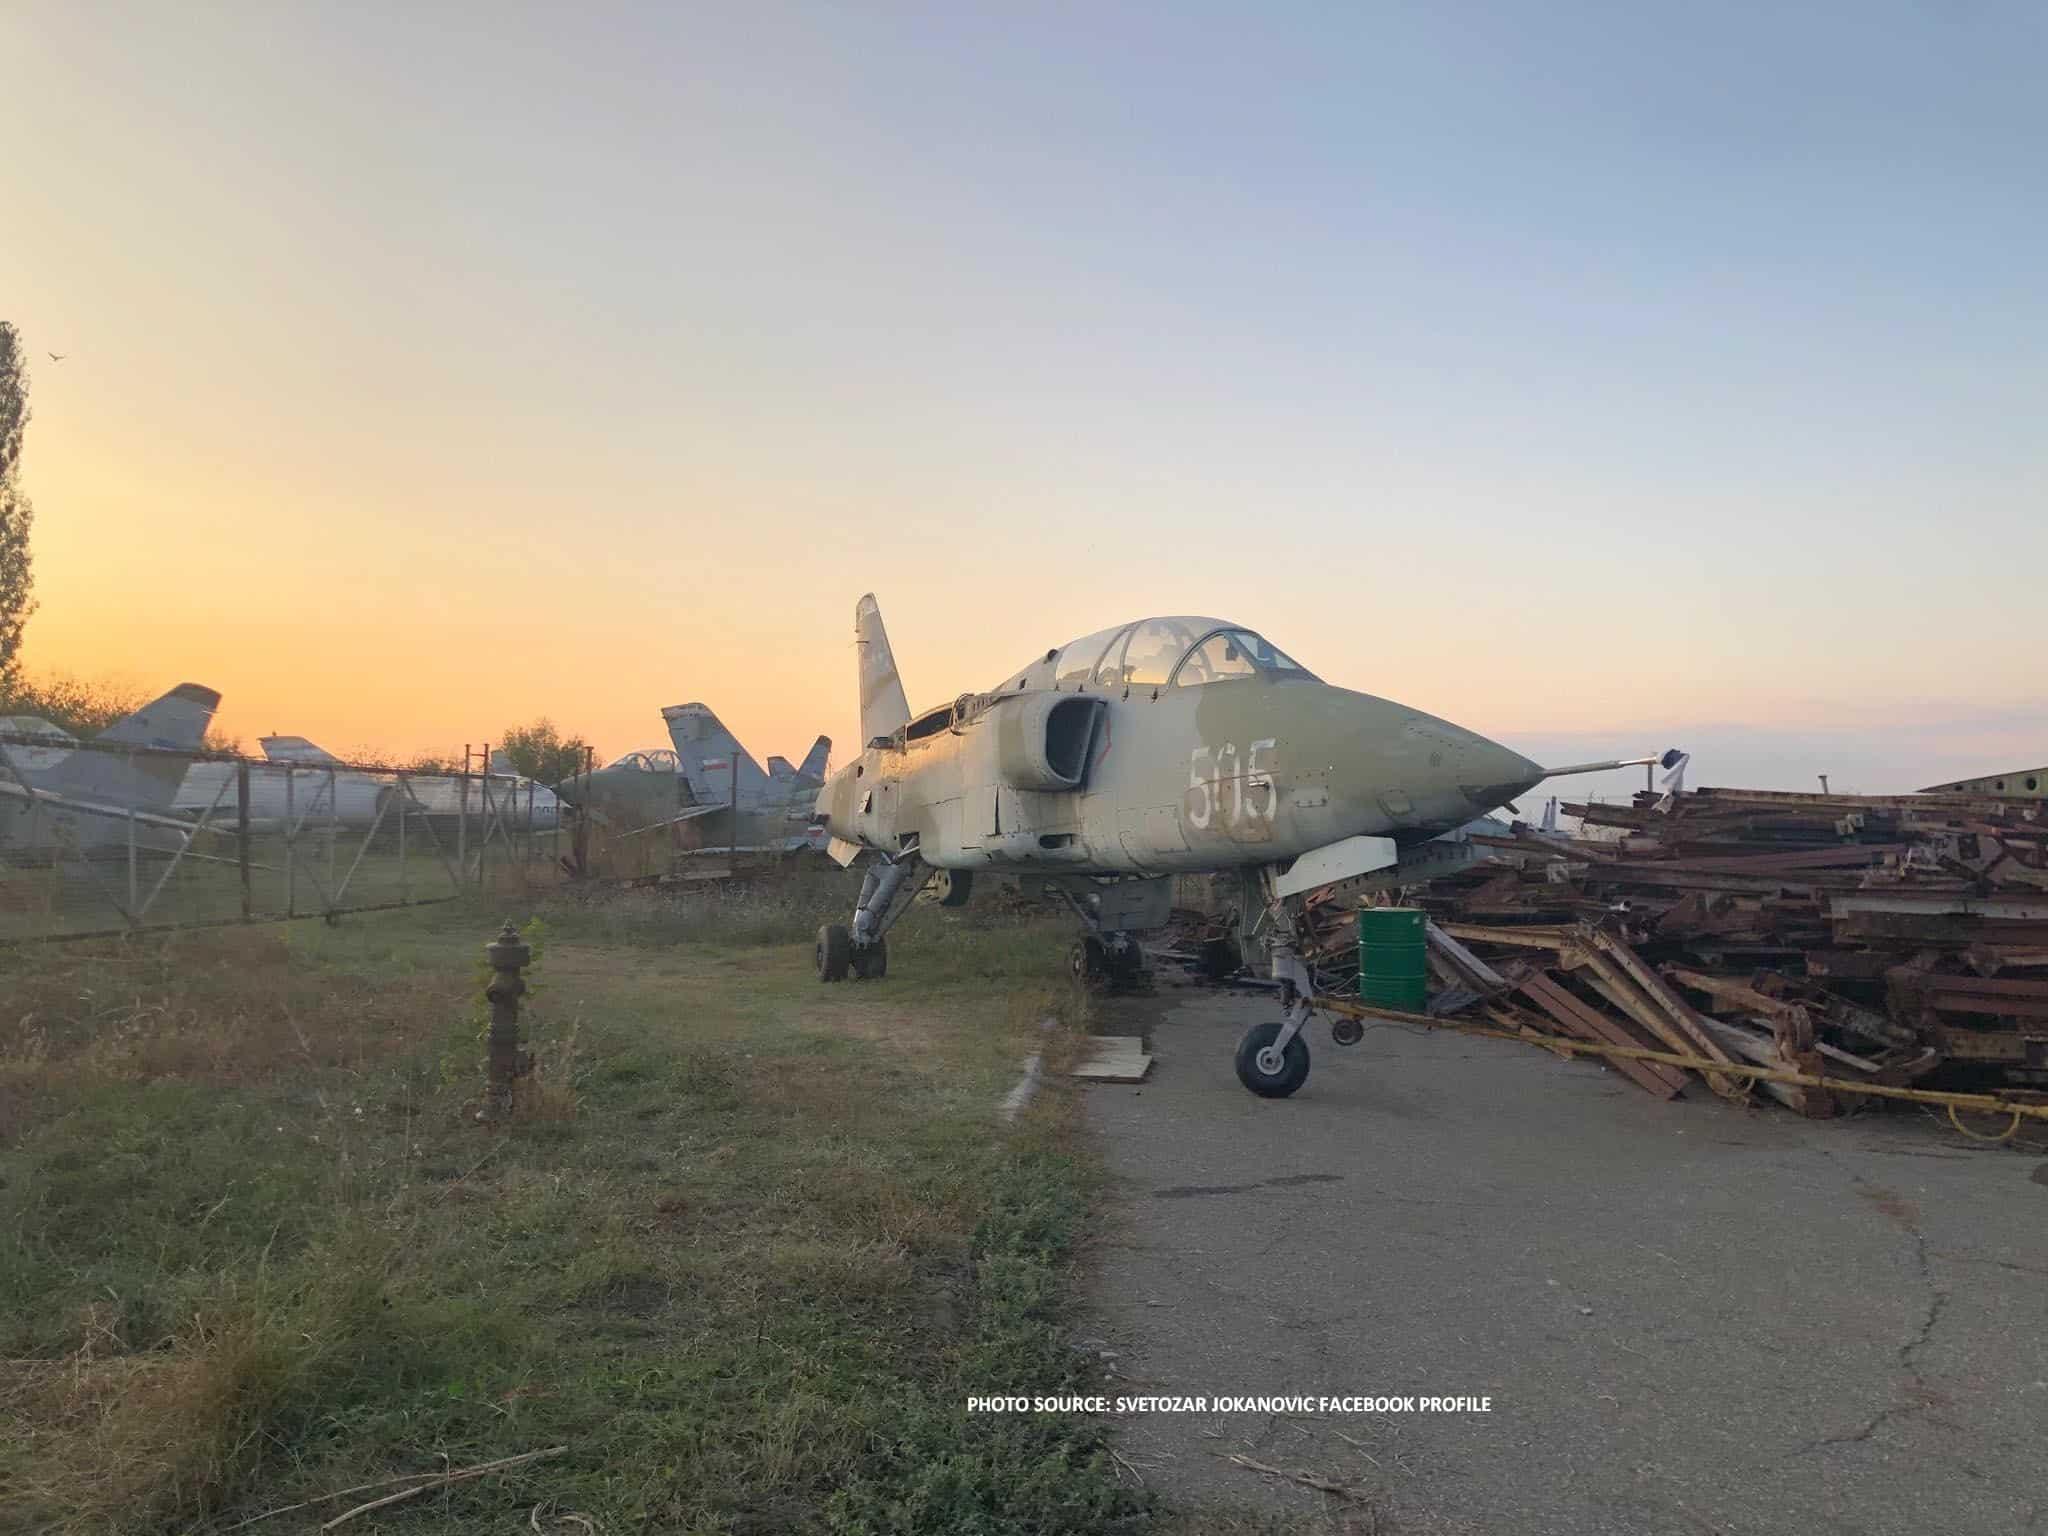 HJ-22 відібраний для капітального ремонту і модернізації